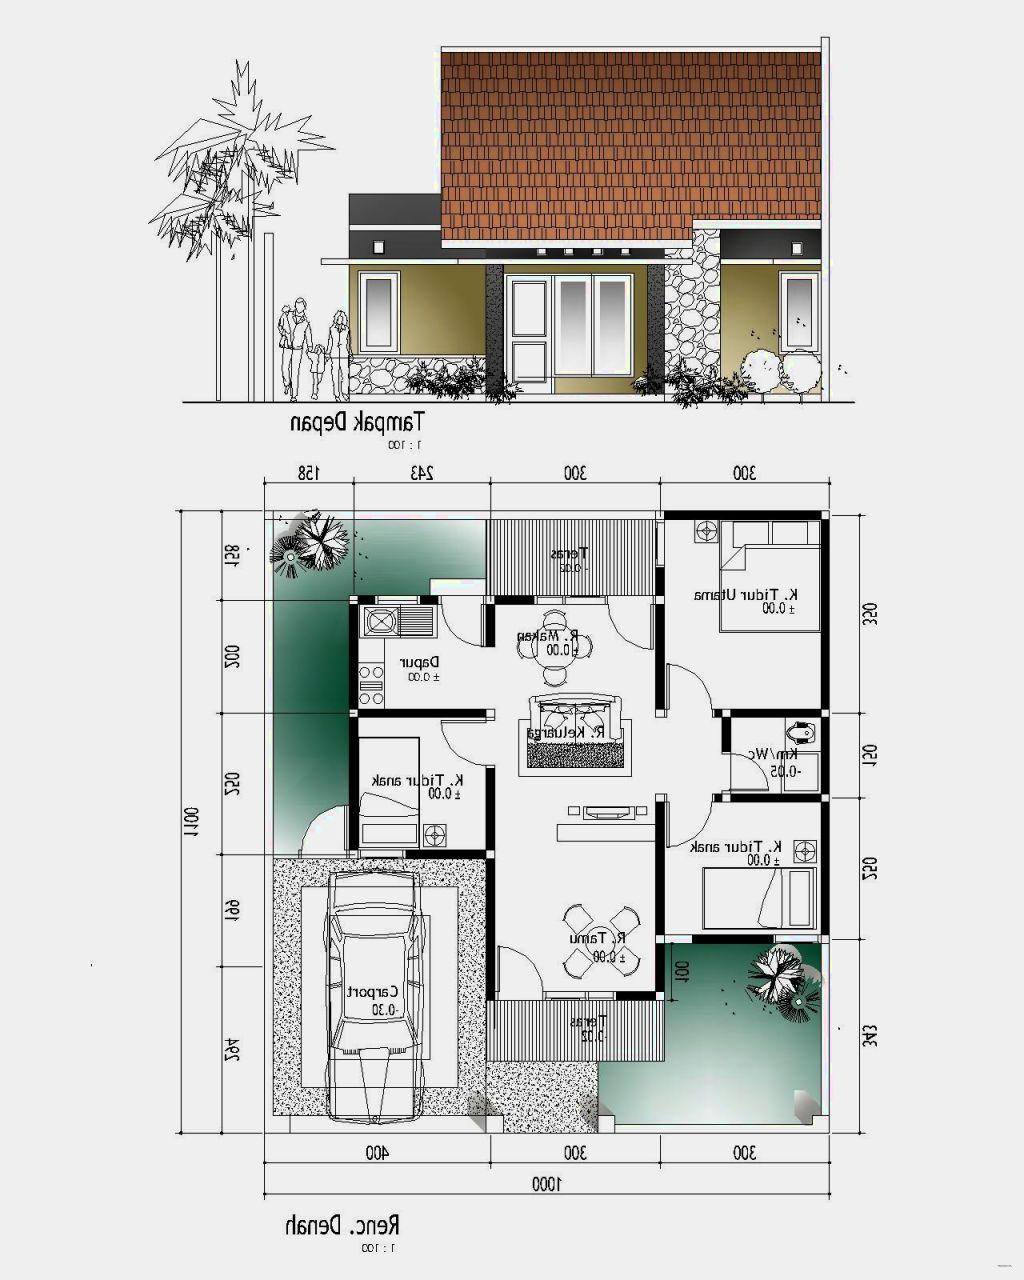 64 Desain Rumah Minimalis 3 Kamar Desain Rumah Minimalis Terbaru